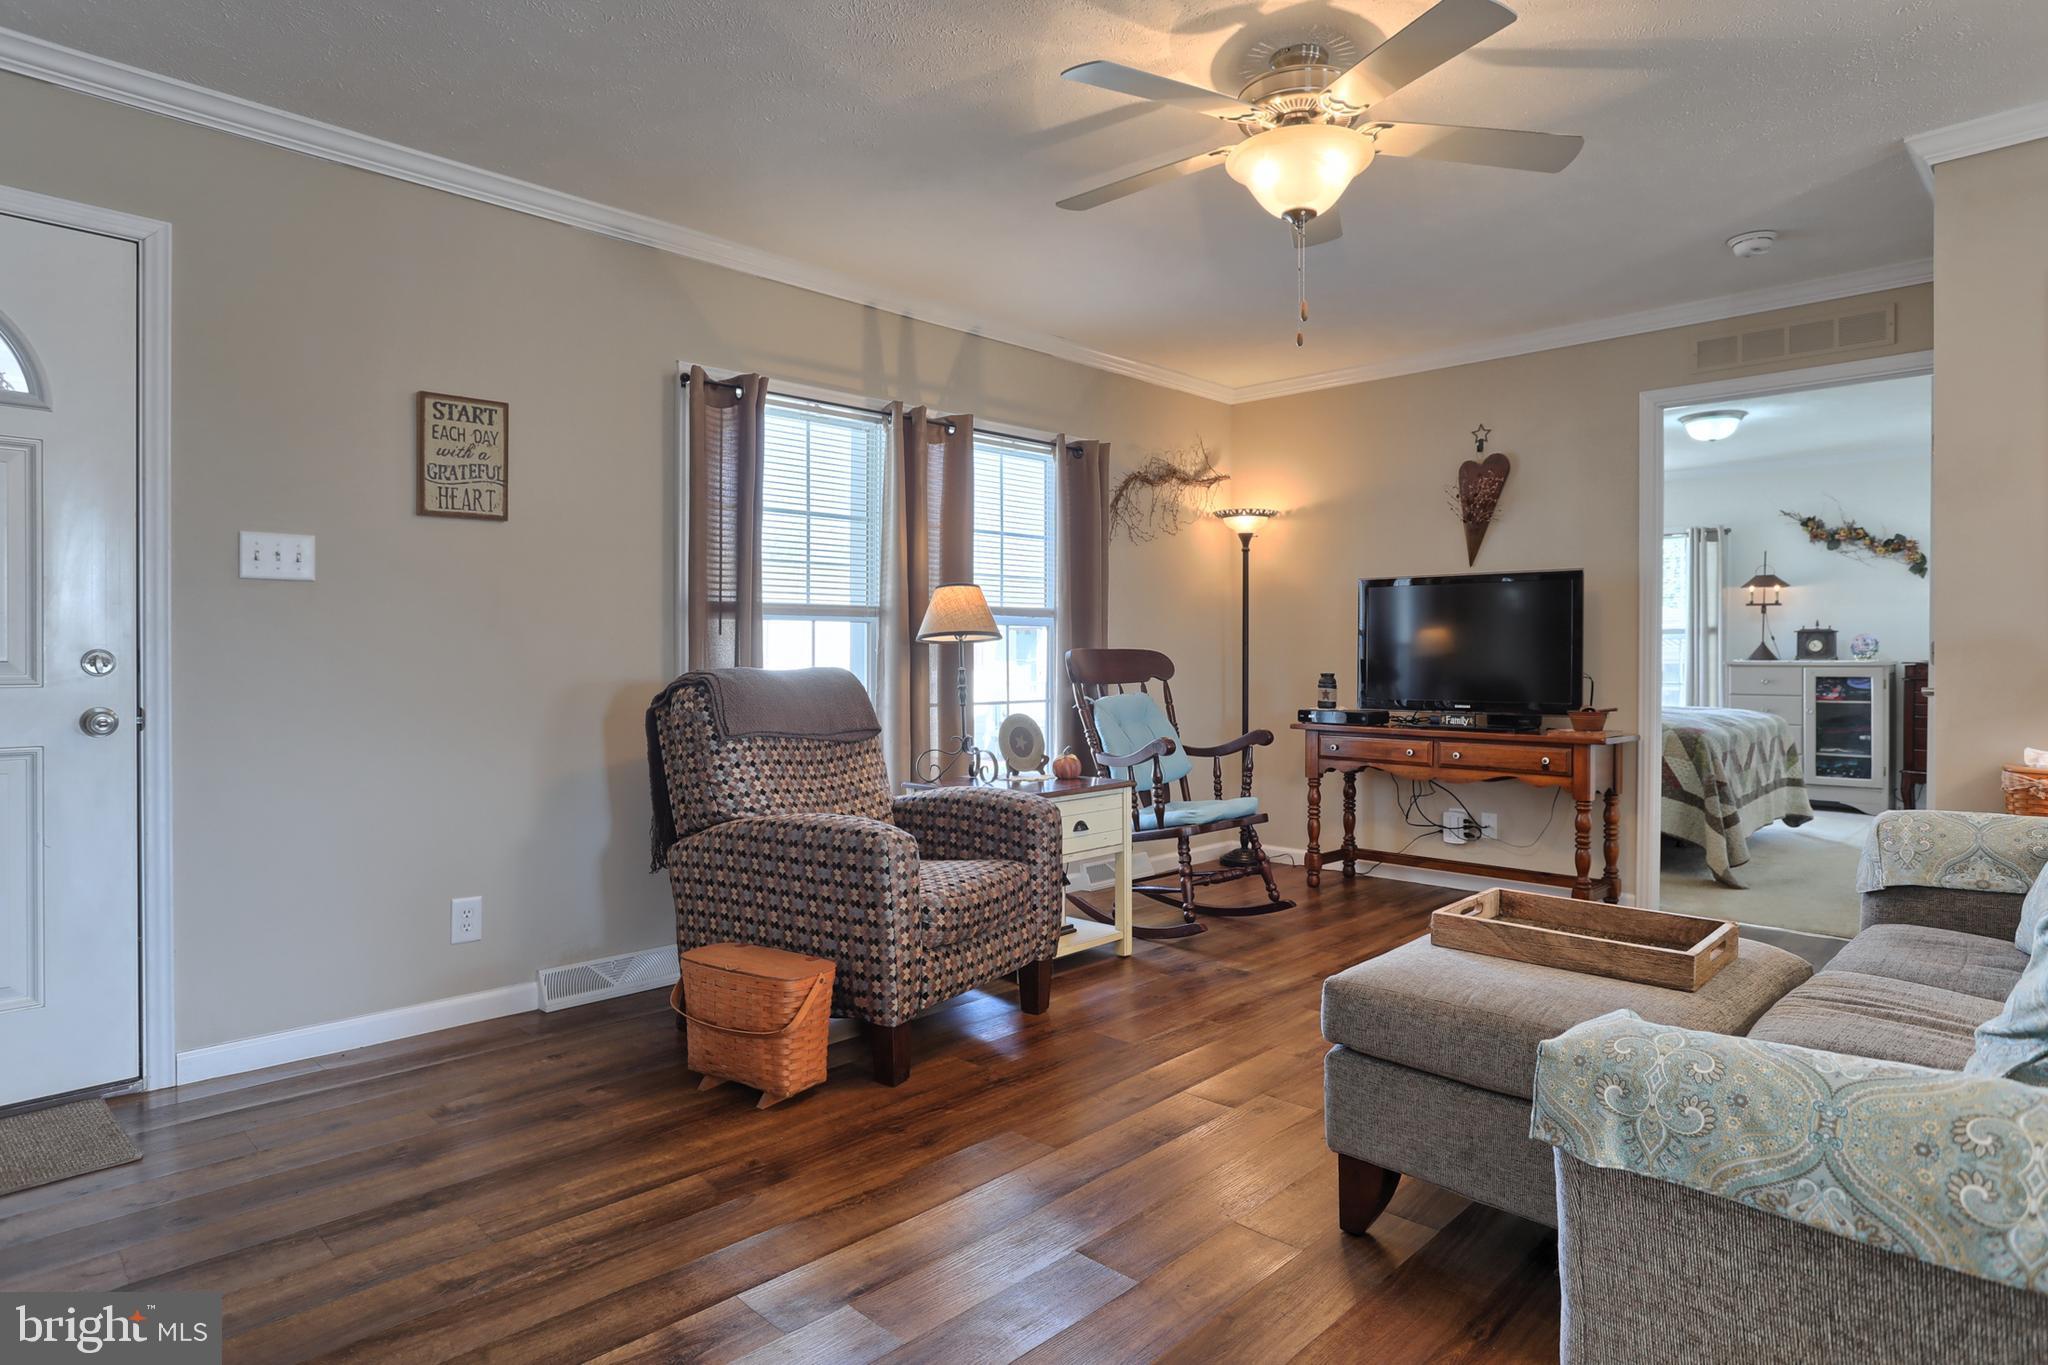 Drywalled walls and ceilings, wood floors